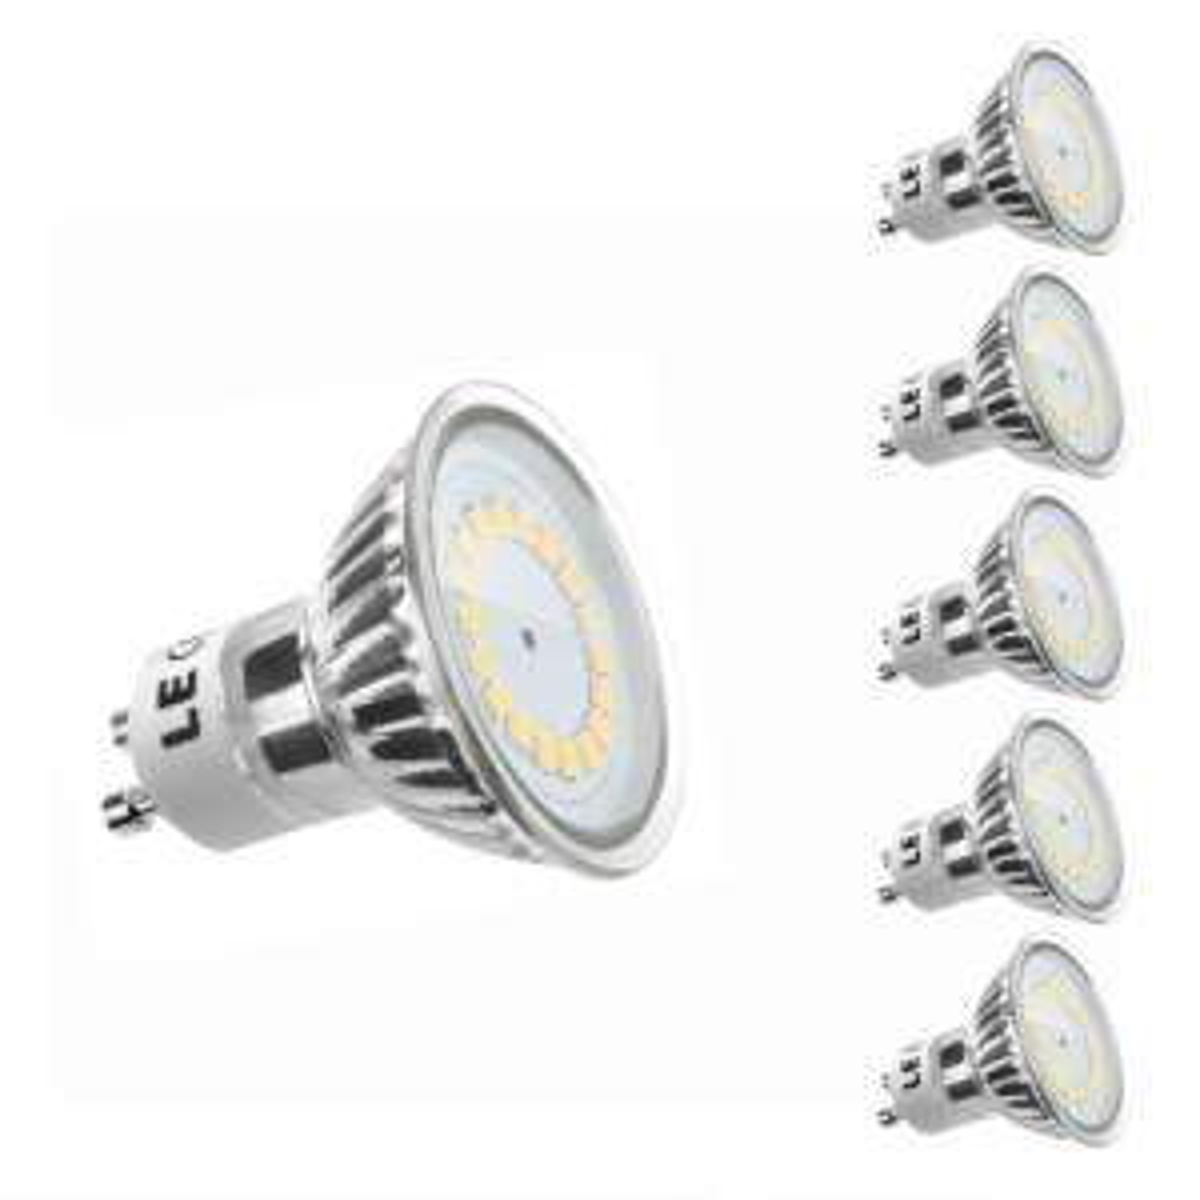 Lot de 5 ampoules LED GU10 - MR16, 3.5W